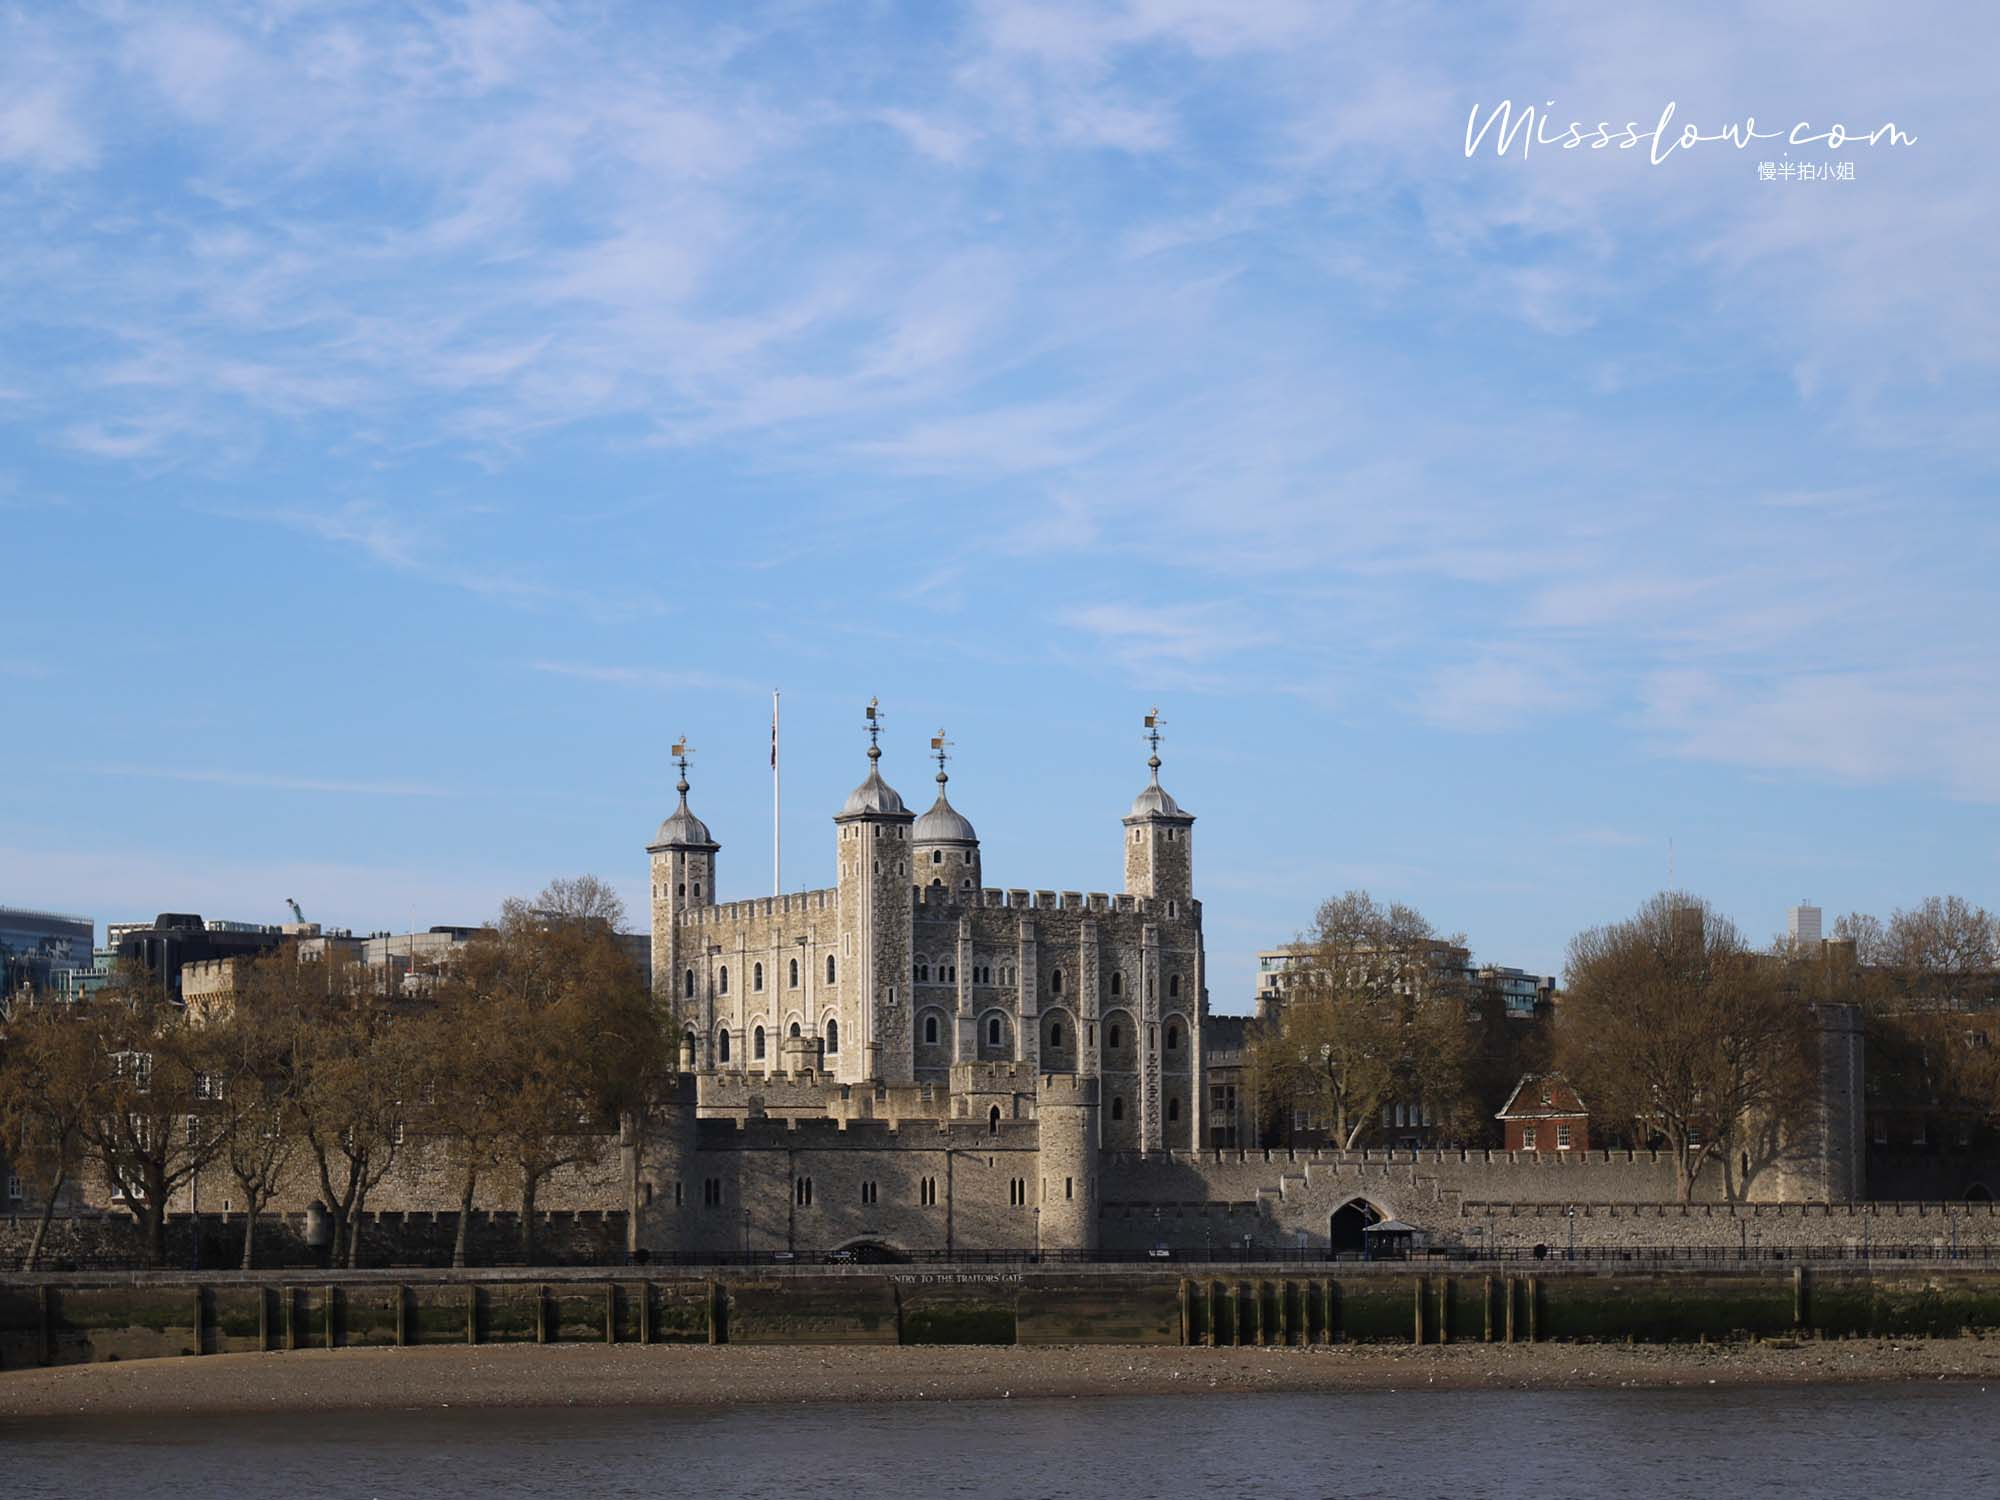 倫敦泰晤士河南岸-倫敦塔